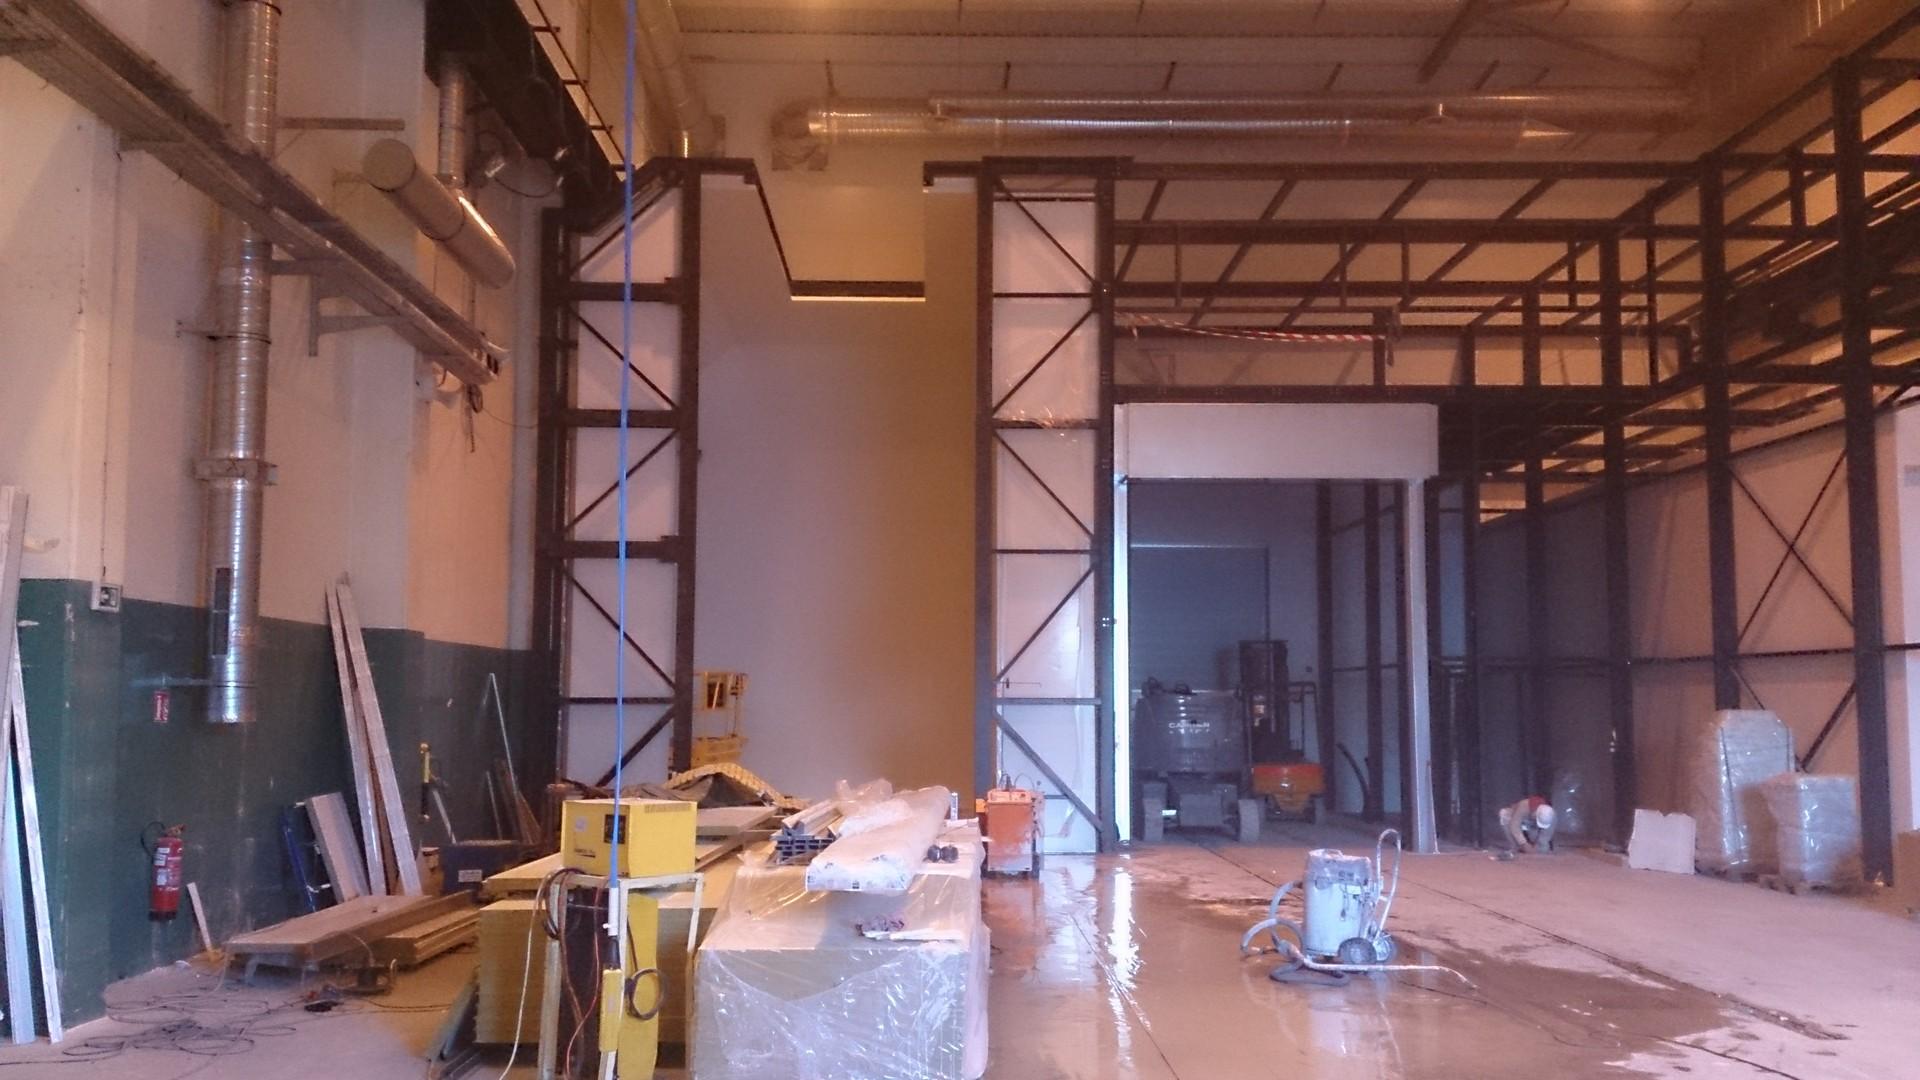 Ouverture et fermeture de voile béton et protection cablage et flexibleOuverture et fermeture de voile béton et protection cablage et flexible005